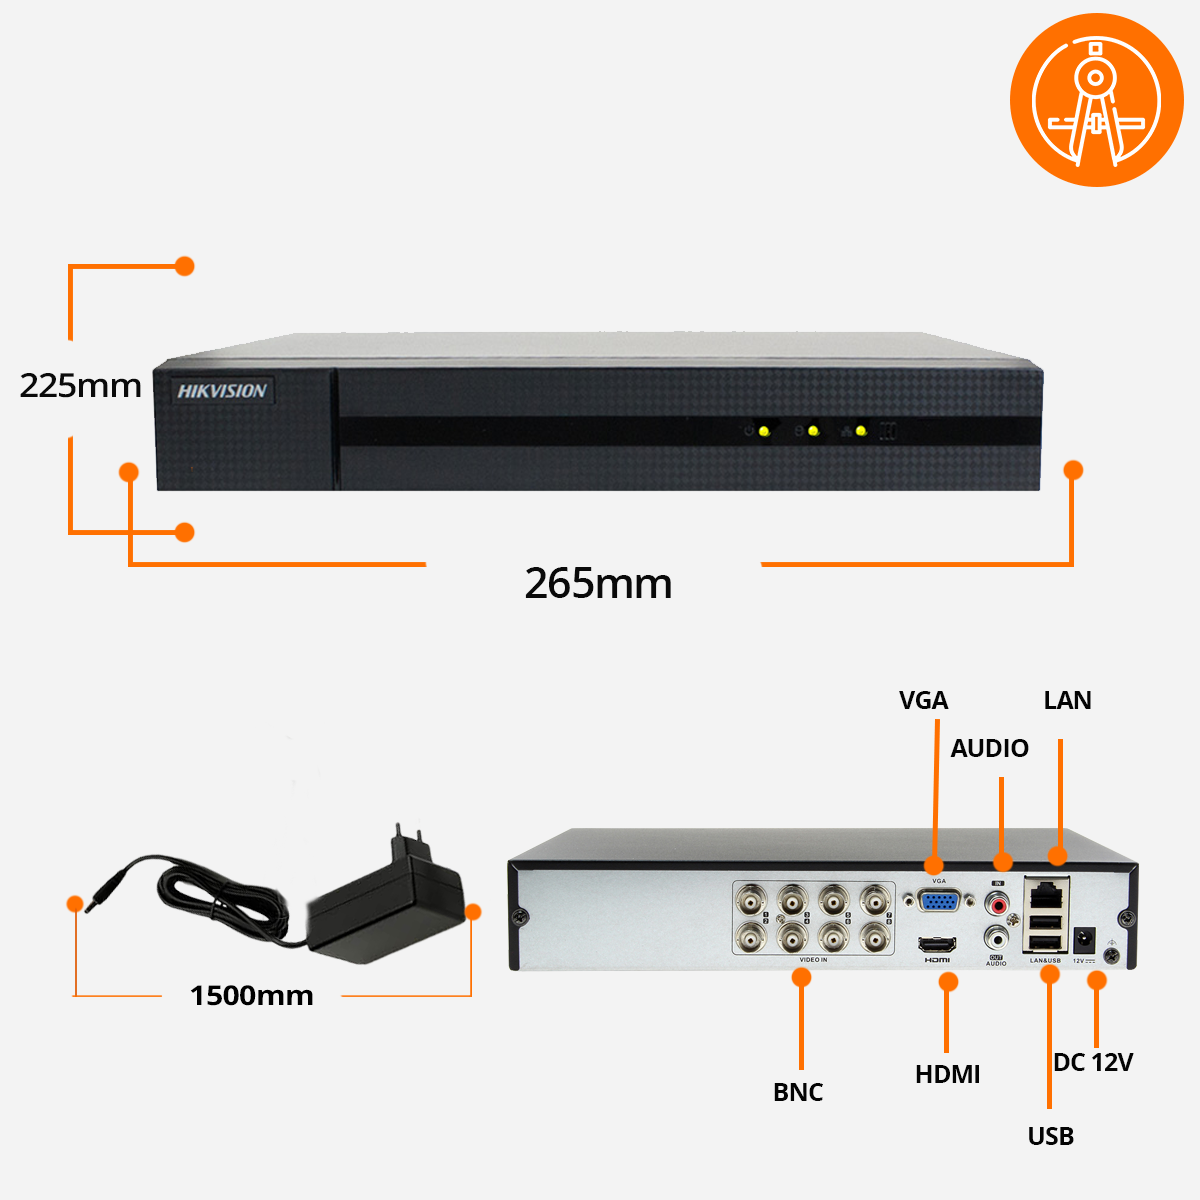 Rejestrator XVR hikivision specyfikacja